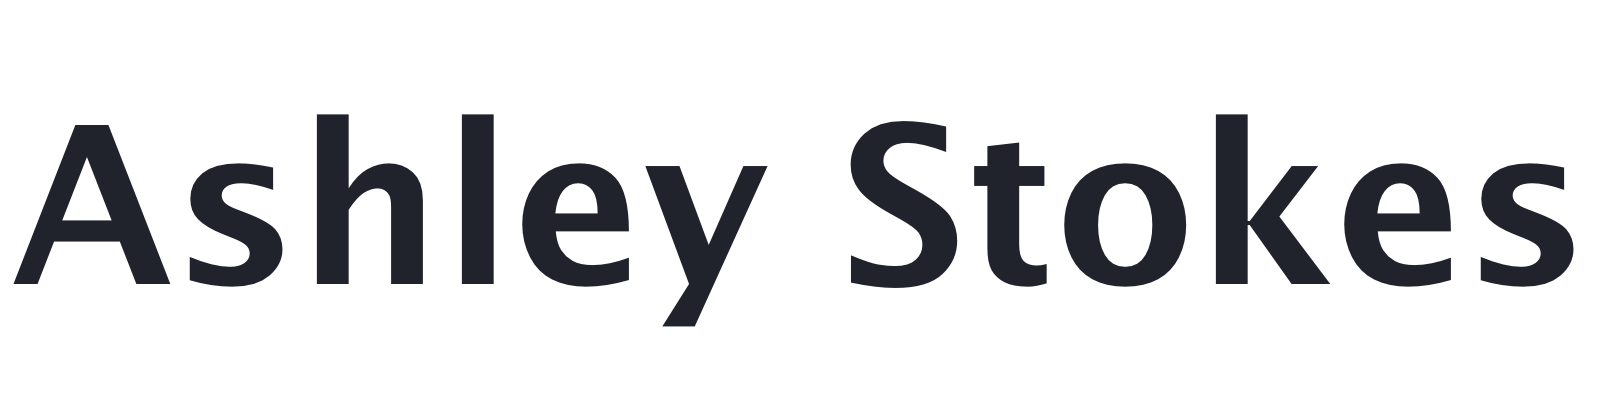 ashley stokes